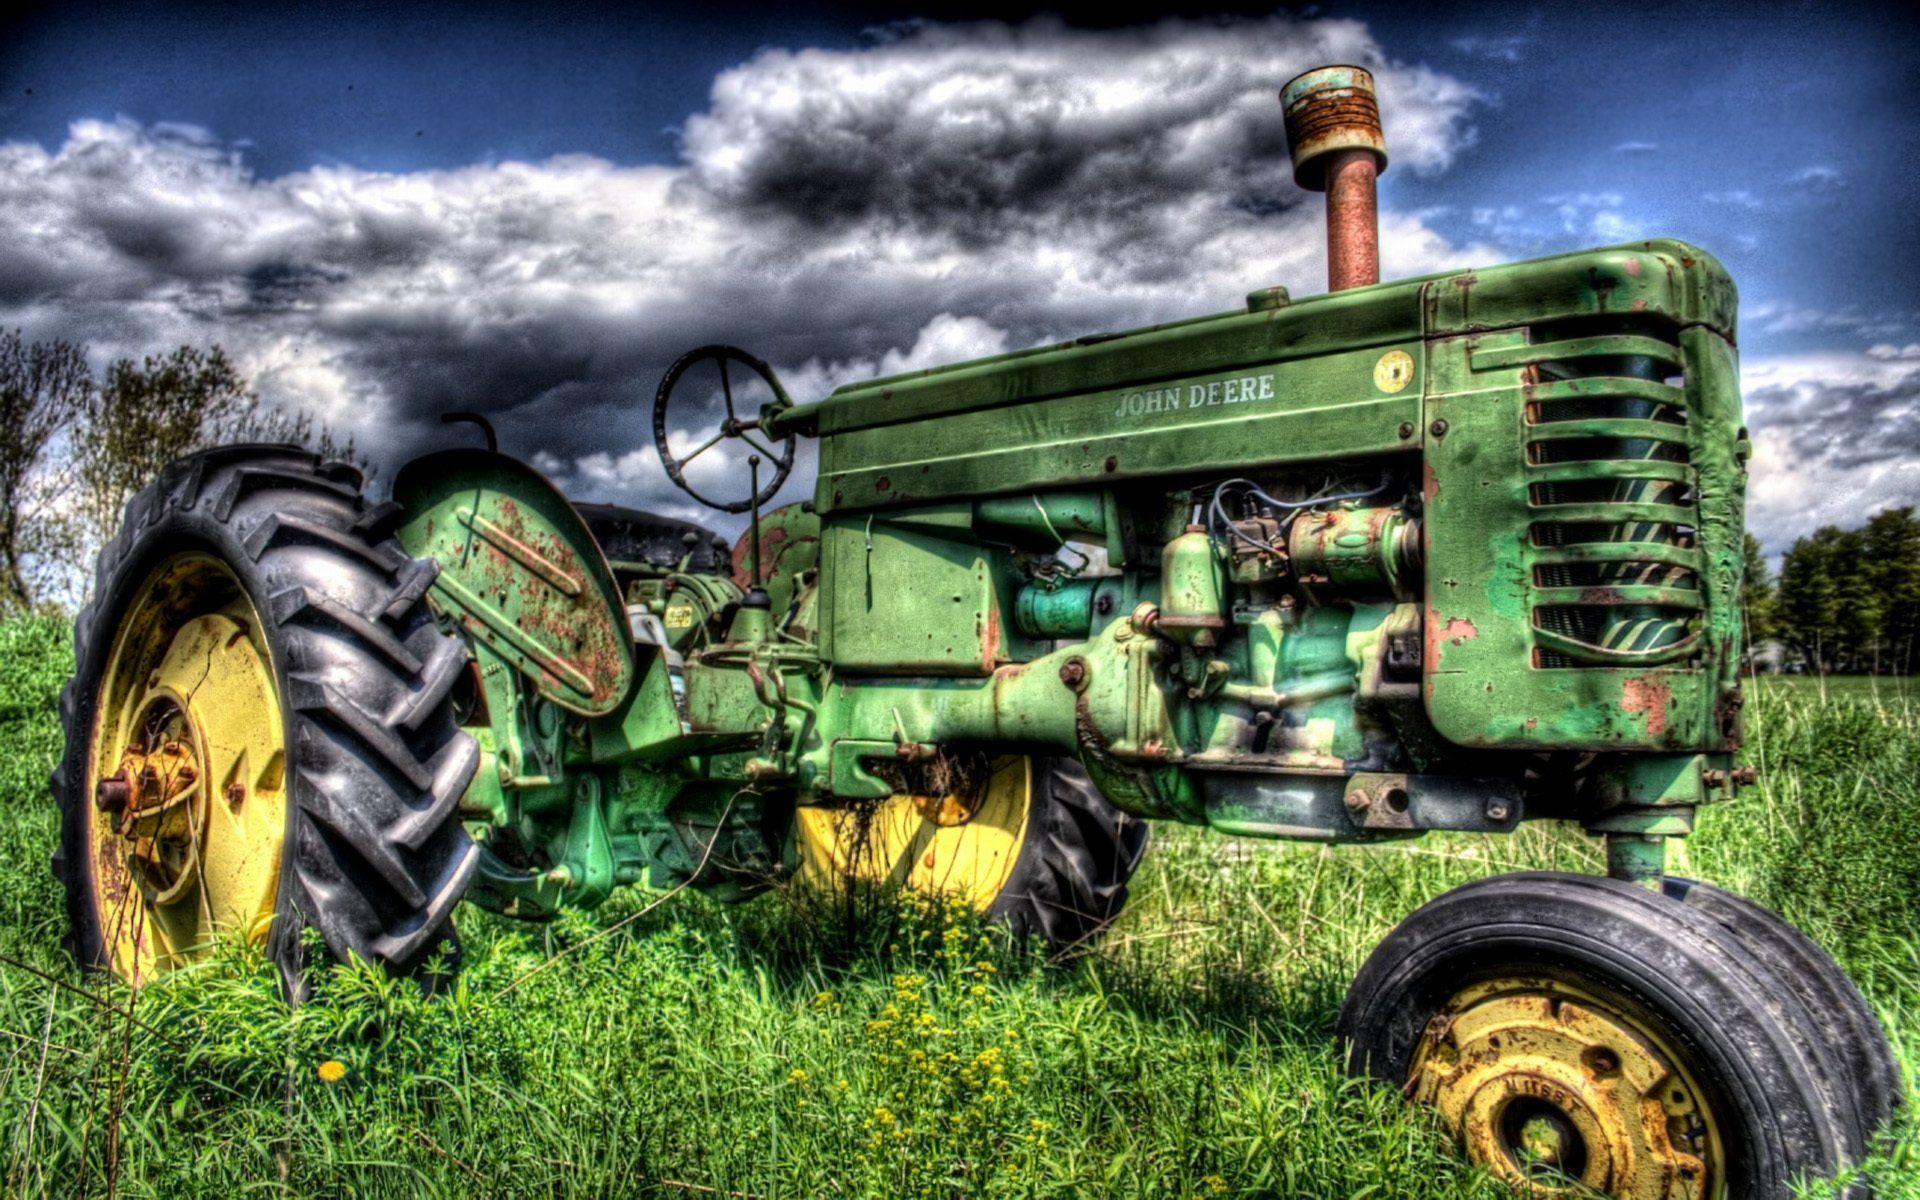 Pin on John Deere tractor 1920x1200